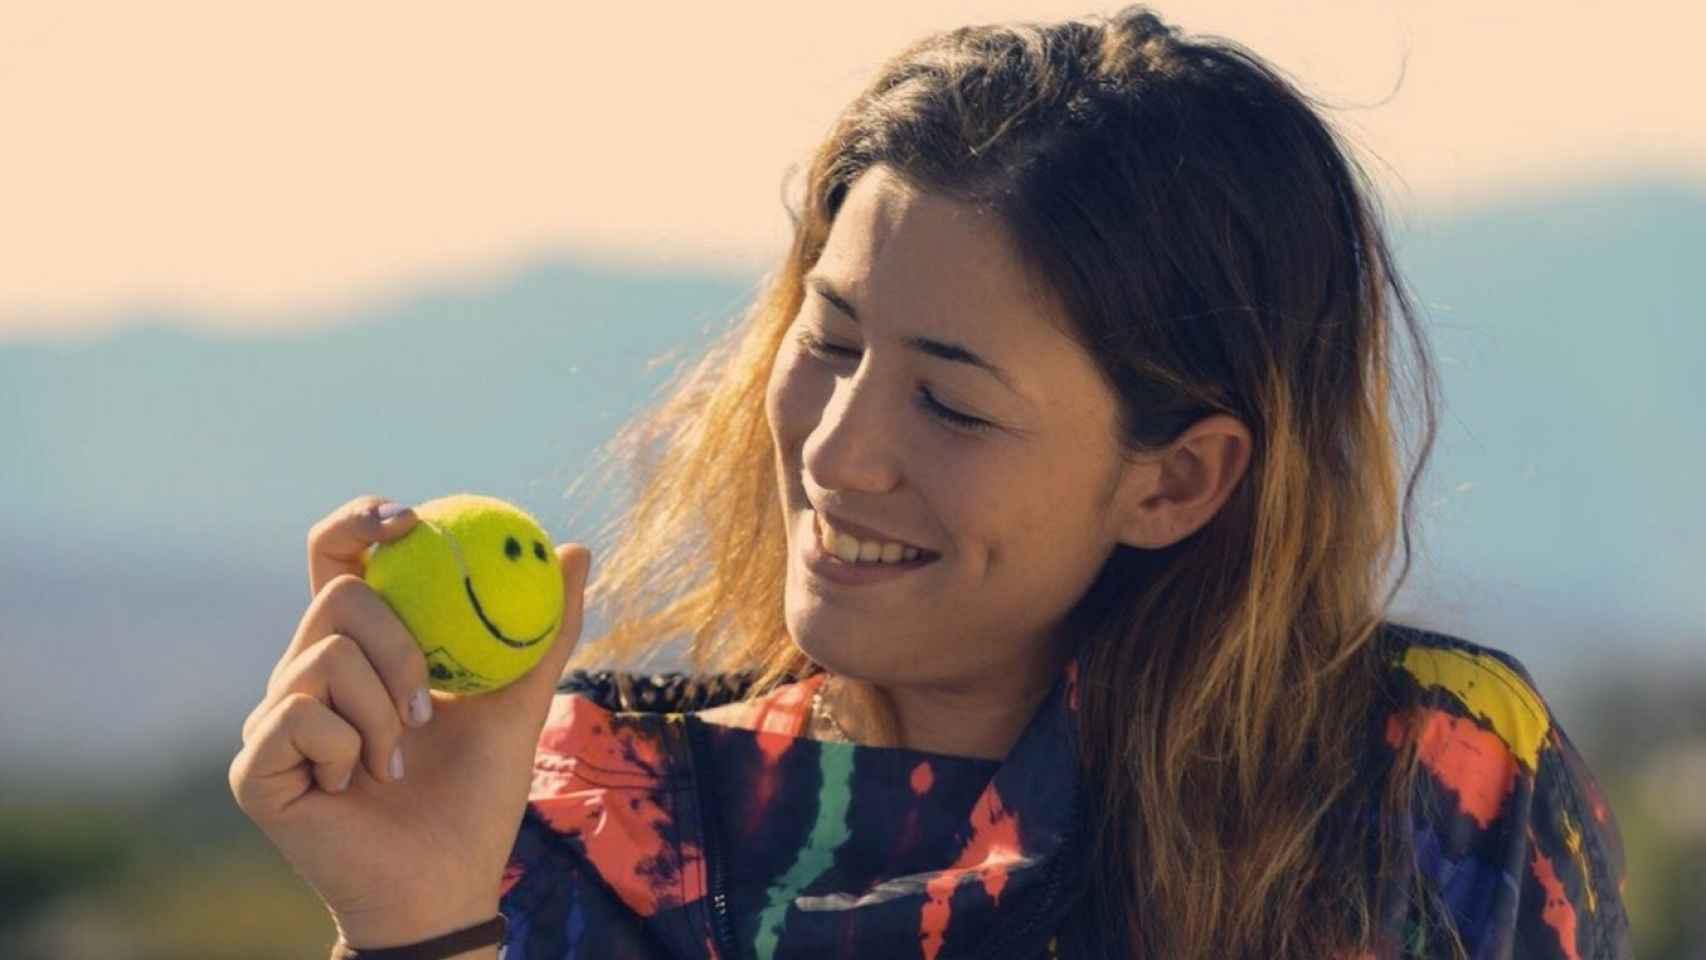 Garbiñe nunca pierde la sonrisa